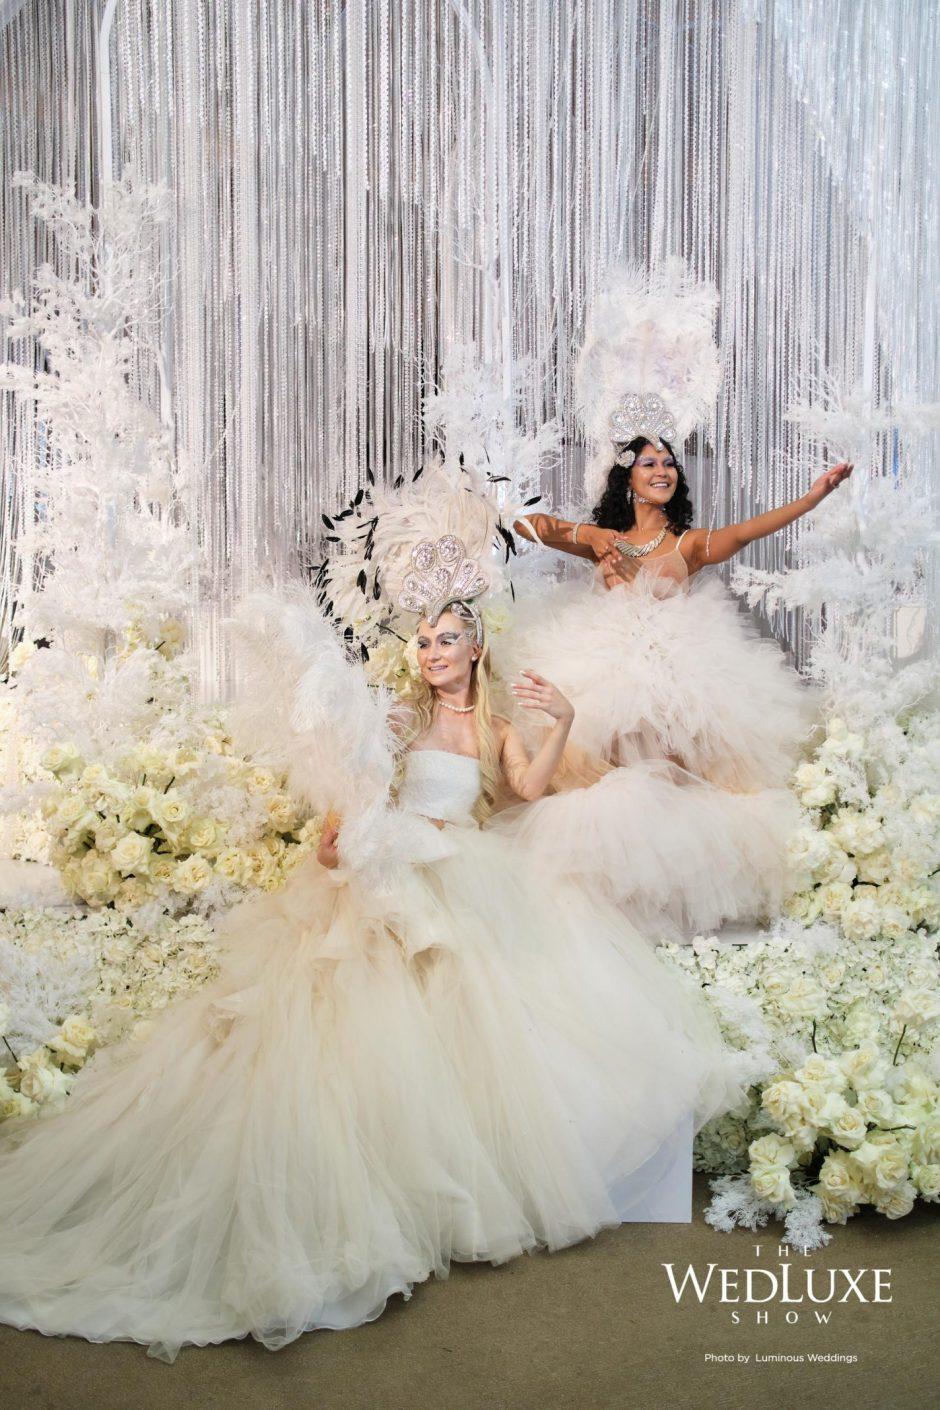 0104_Luminous_Weddings-712x1068@2x